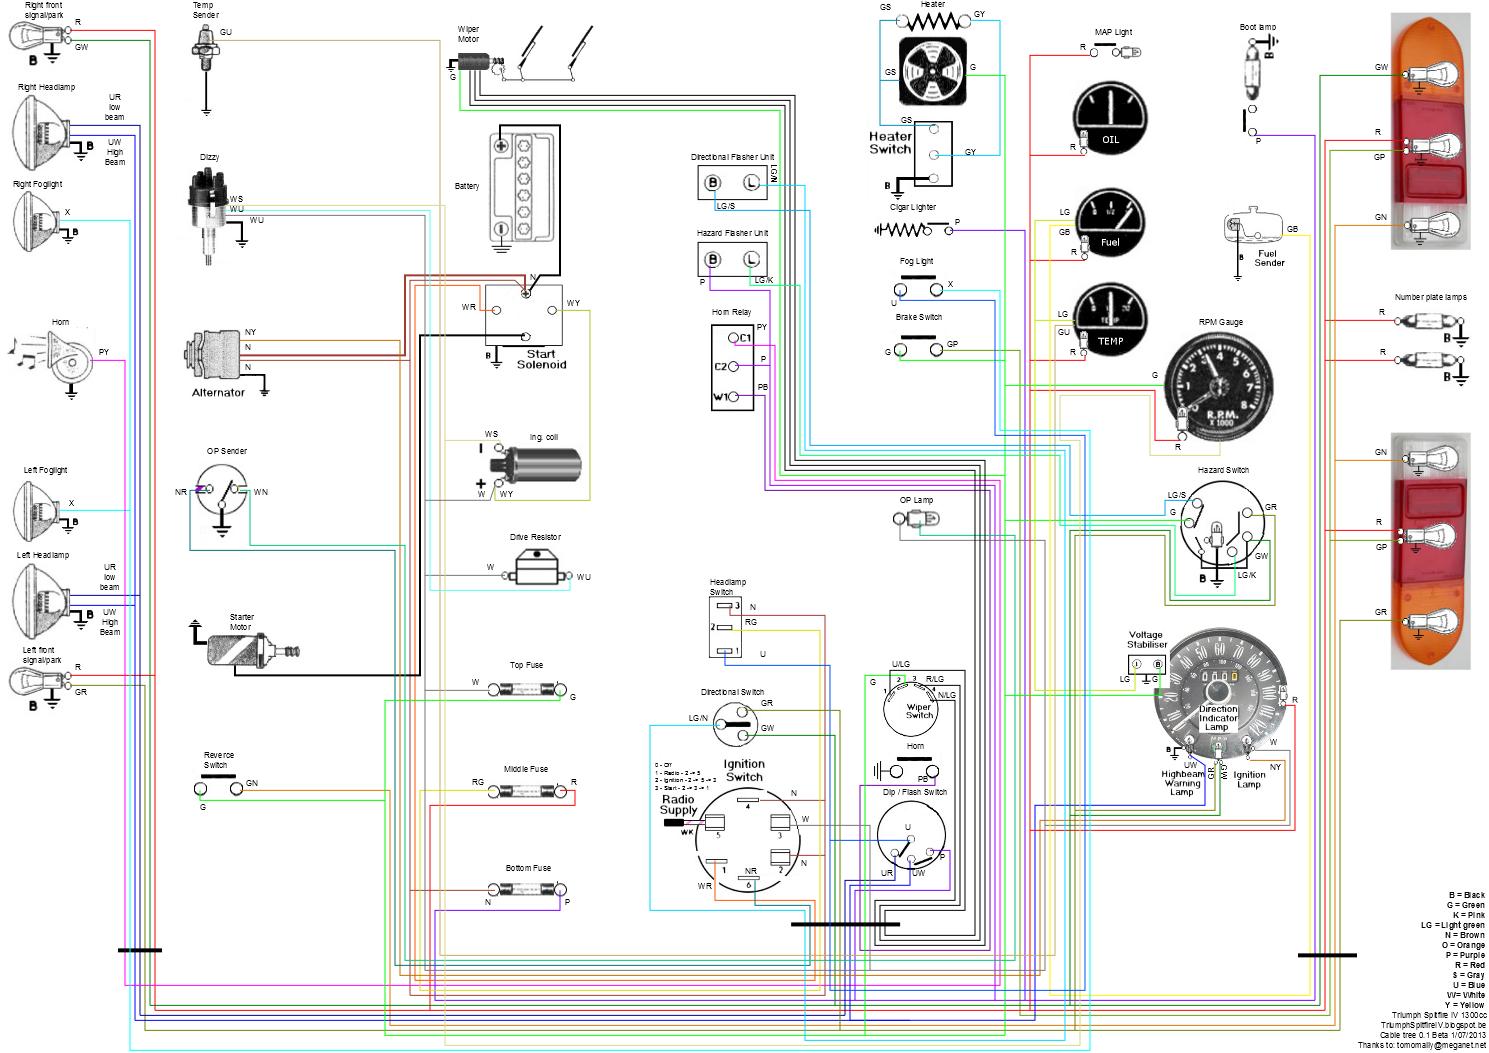 medium resolution of 1980 spitfire wiring diagram wiring diagram paper spitfire 1500 wire harness diagram